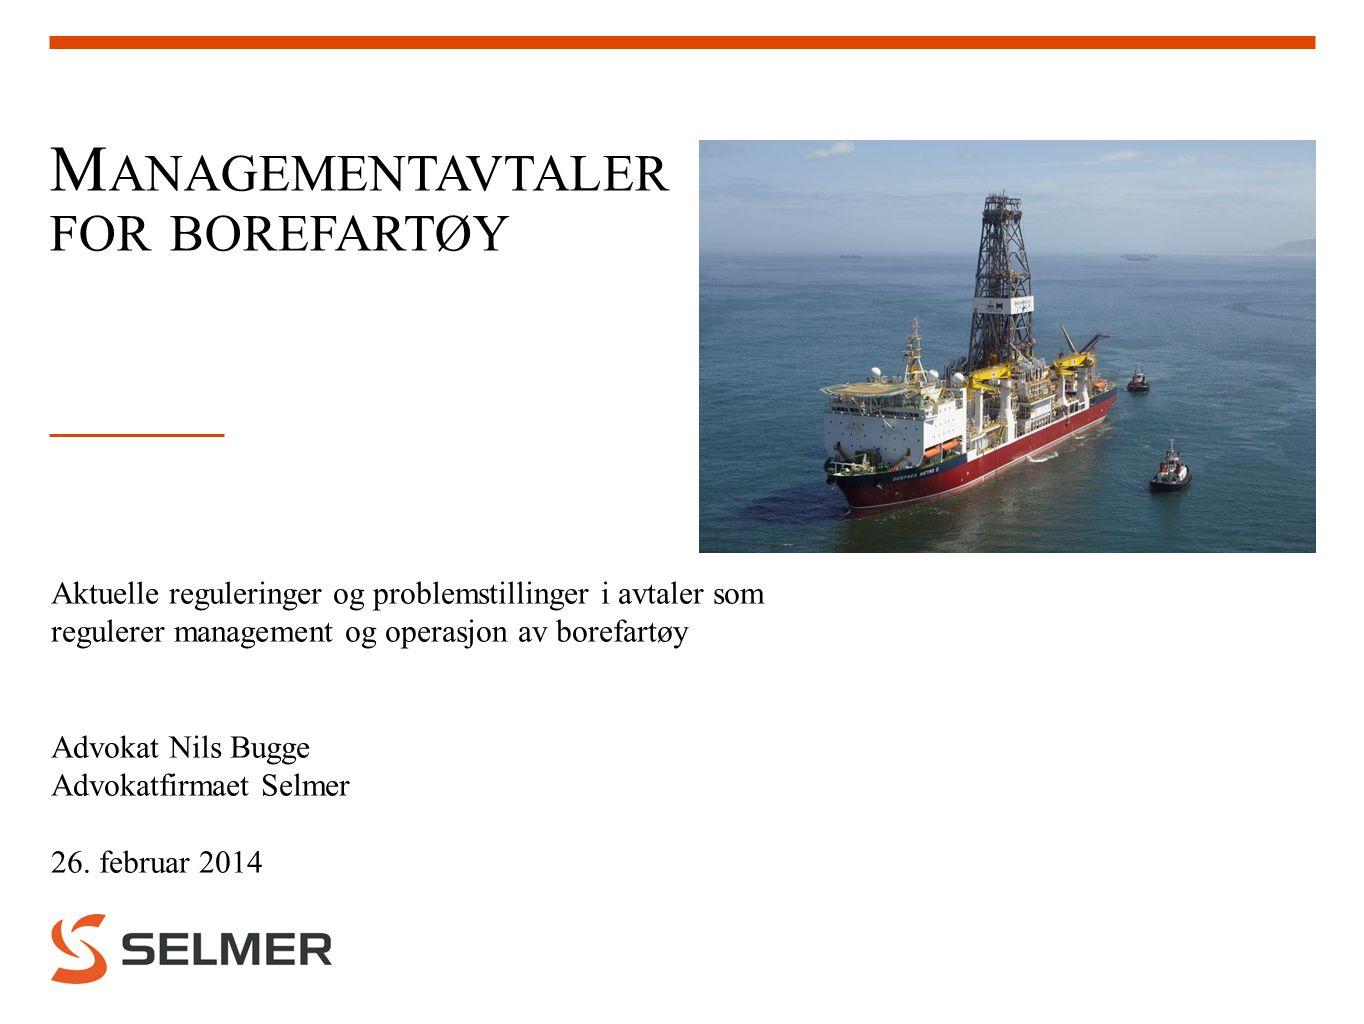 Managementavtaler for borefartøy